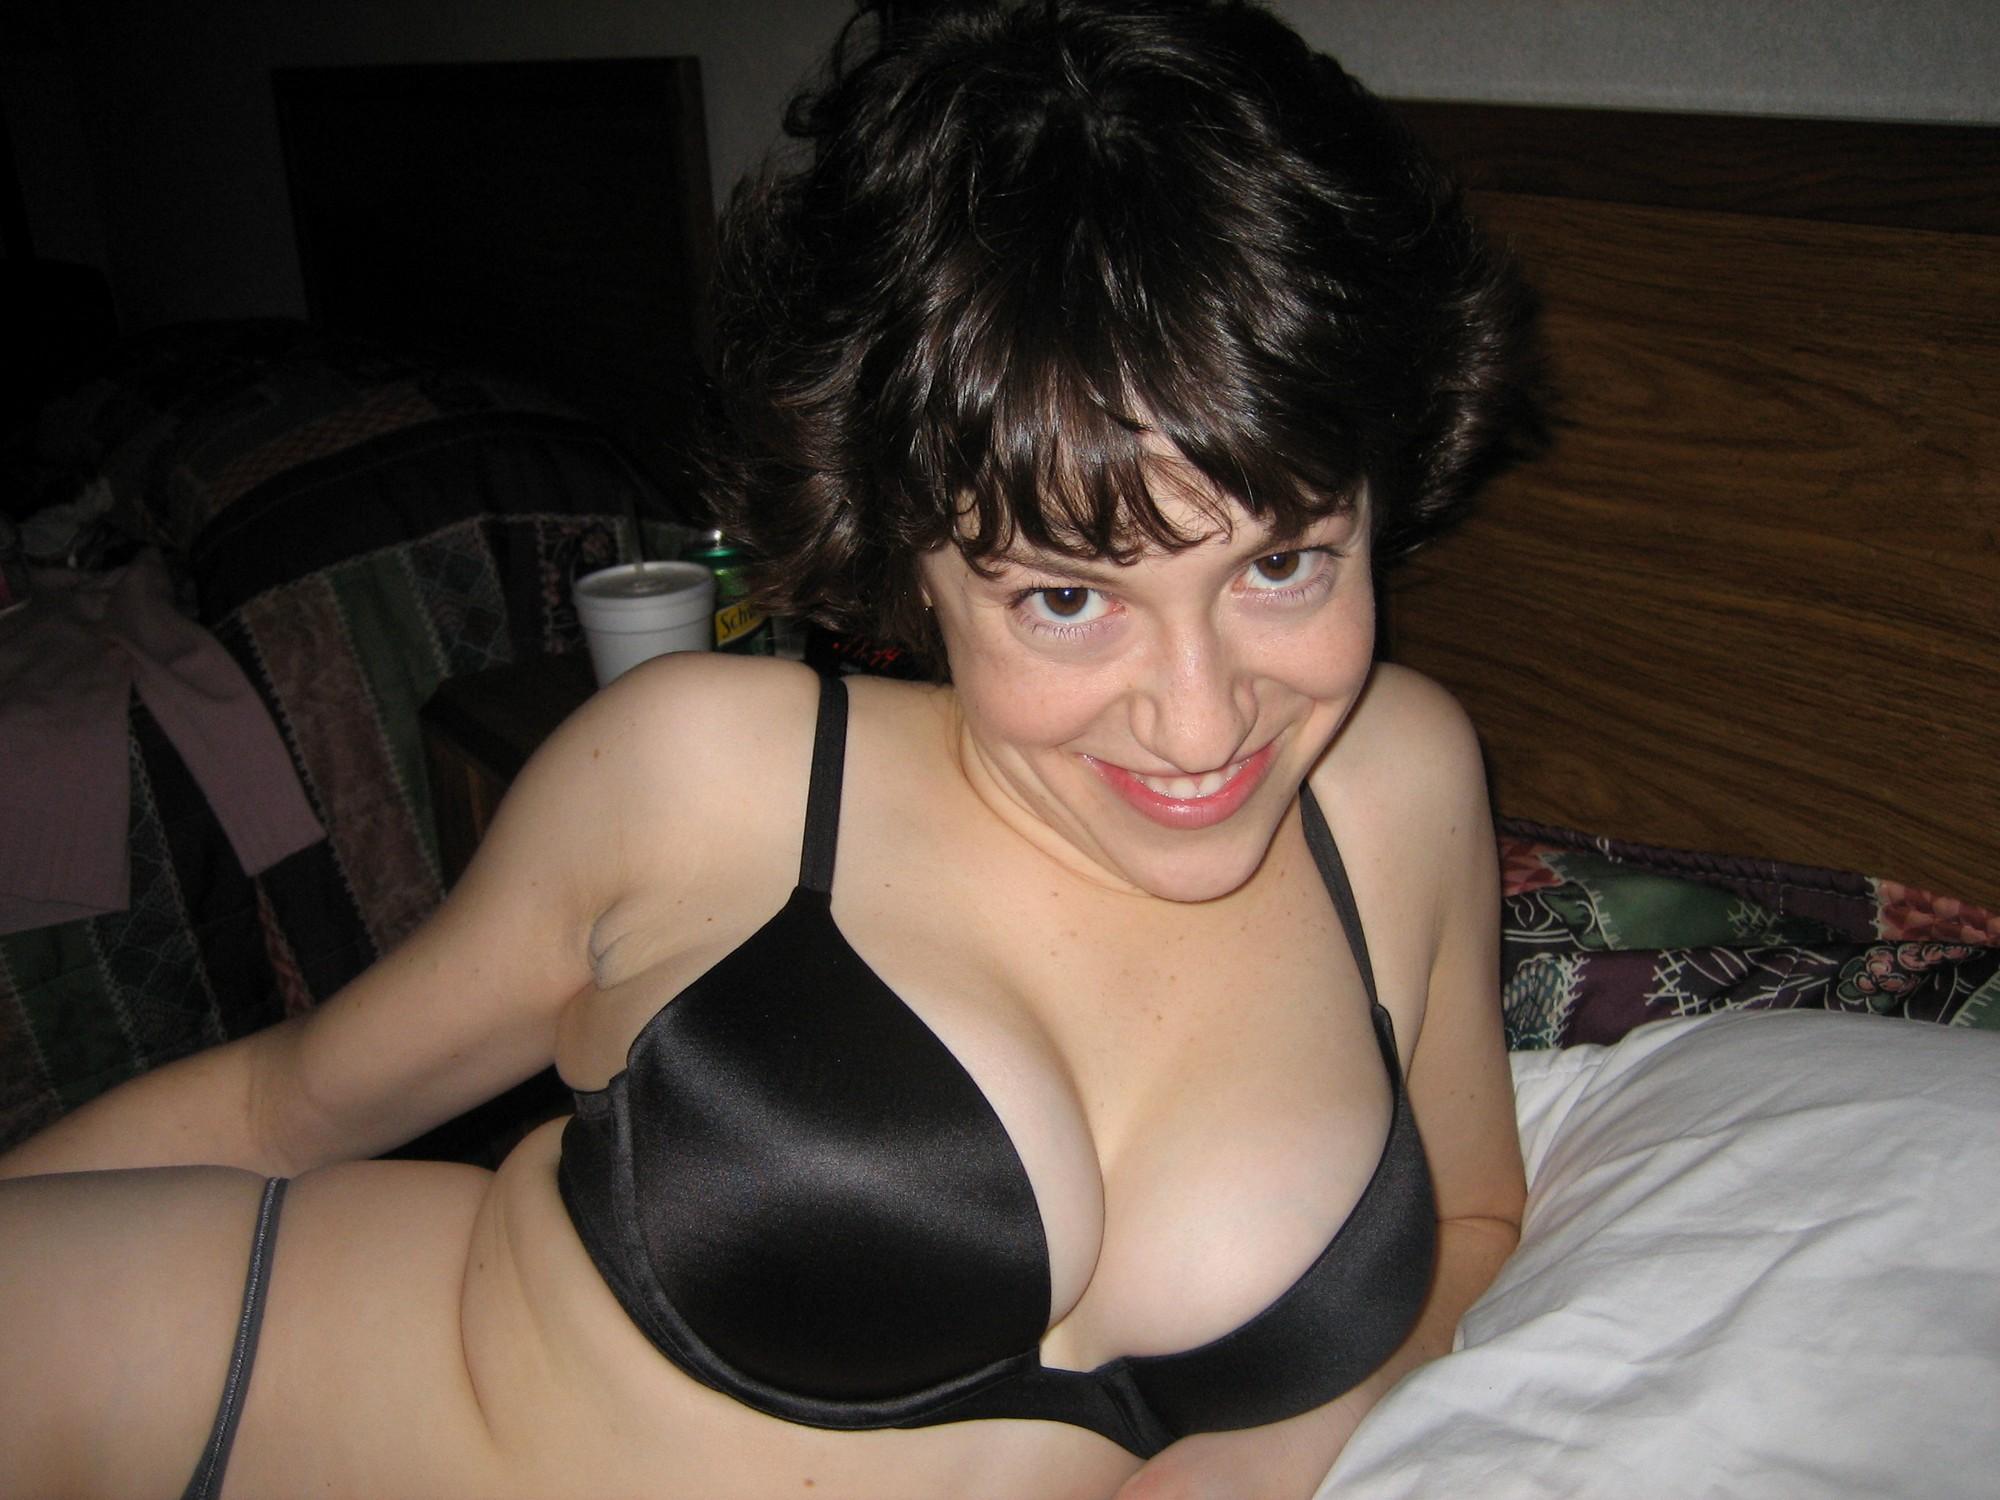 Бабенка ласкает клитор секс игрушкой лежа на спине